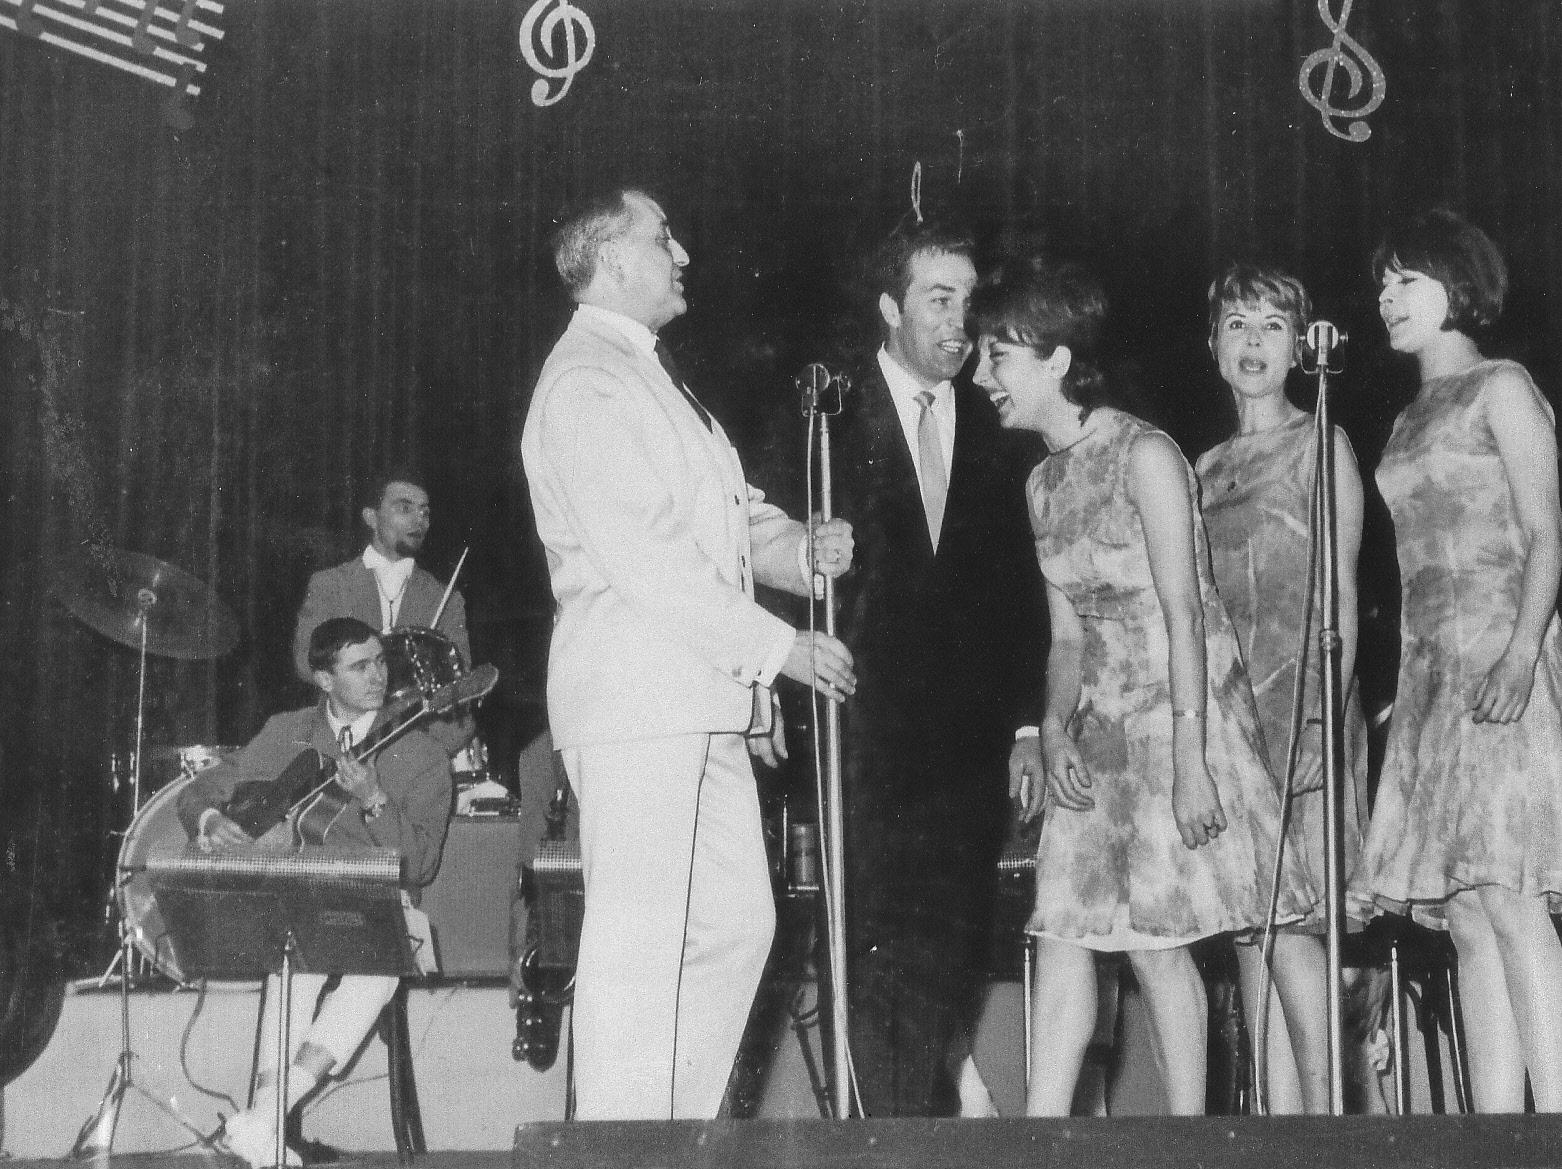 Orch Jacques Hélian Février 1963